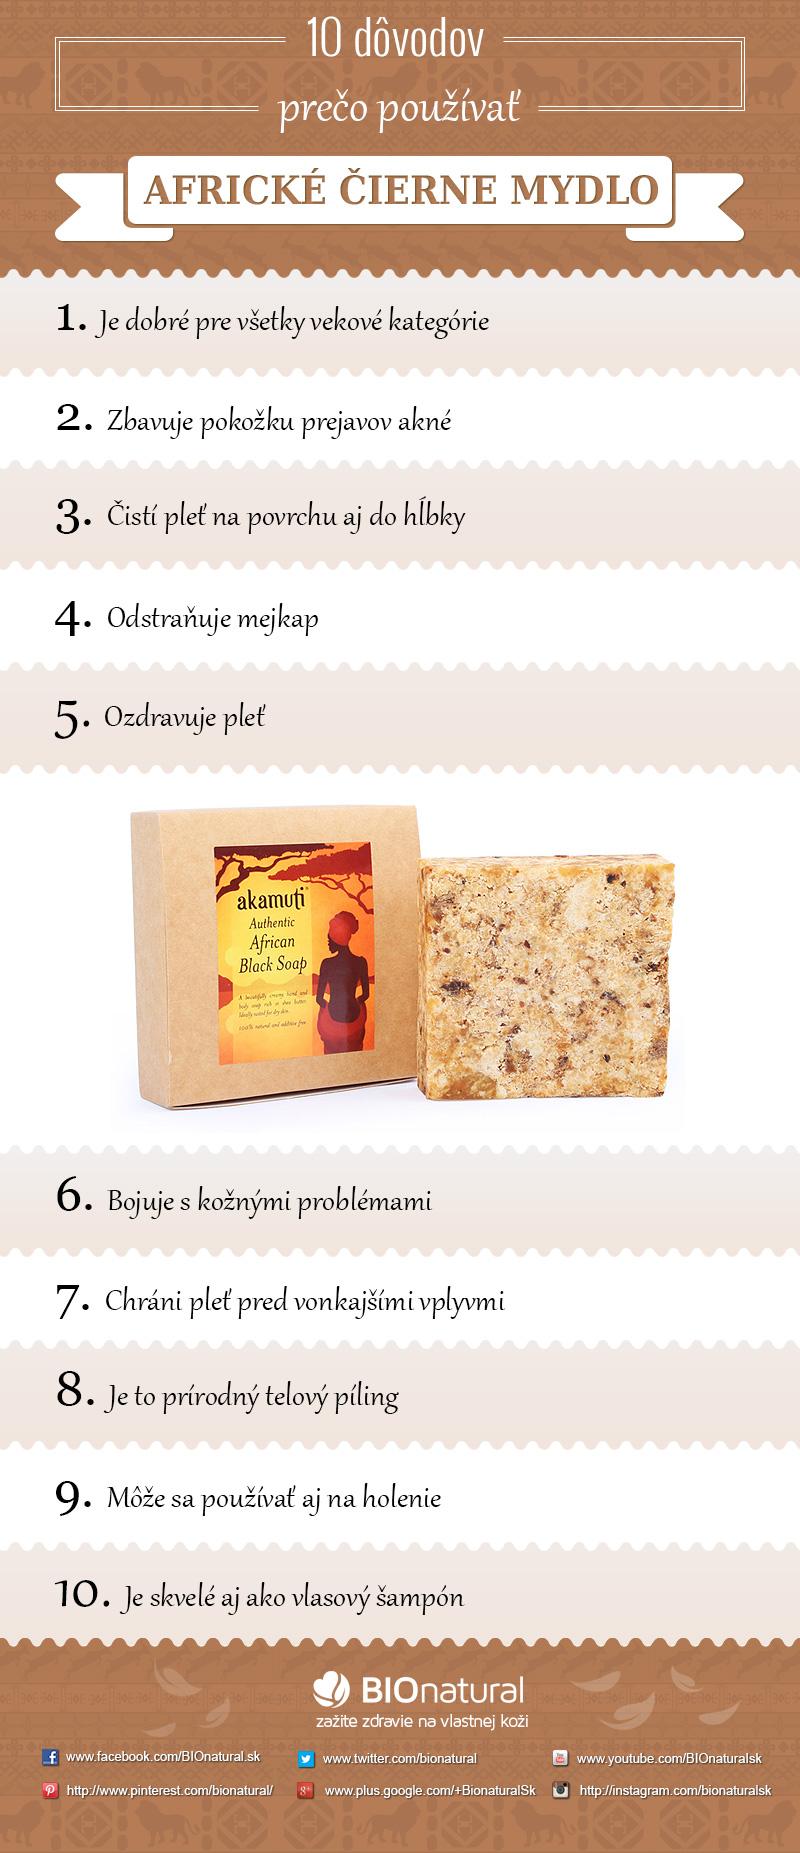 10 dôvodov prečo používať africké čierne mydlo